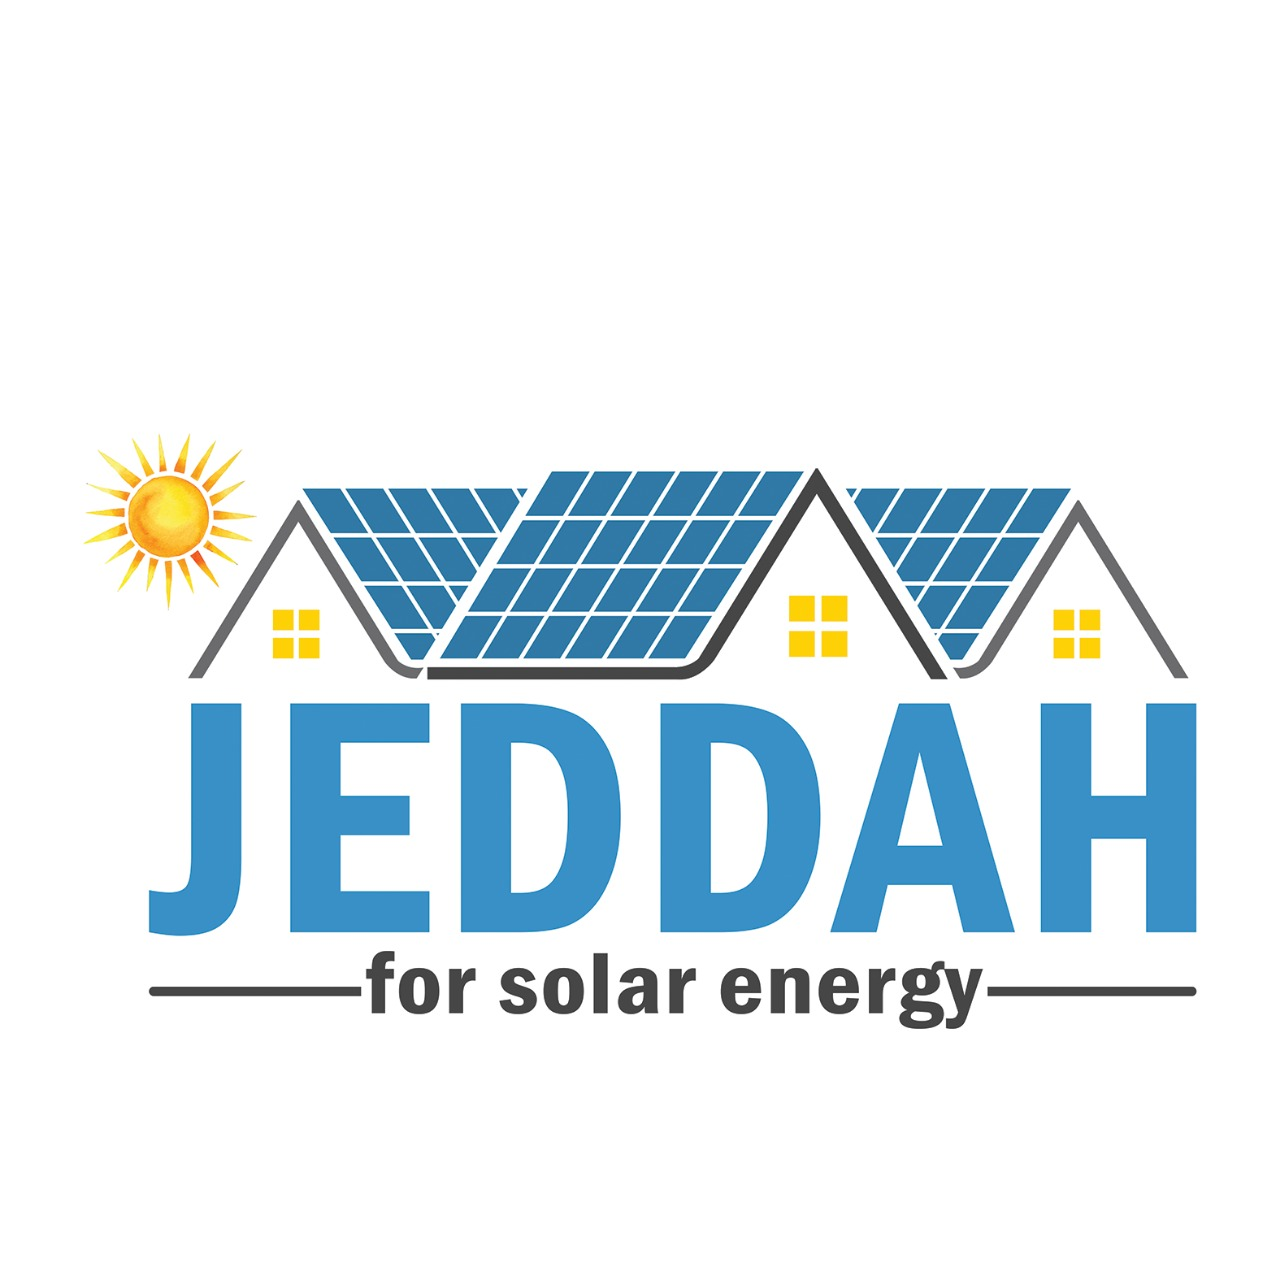 جدة لأنظمة الطاقة الشمسية